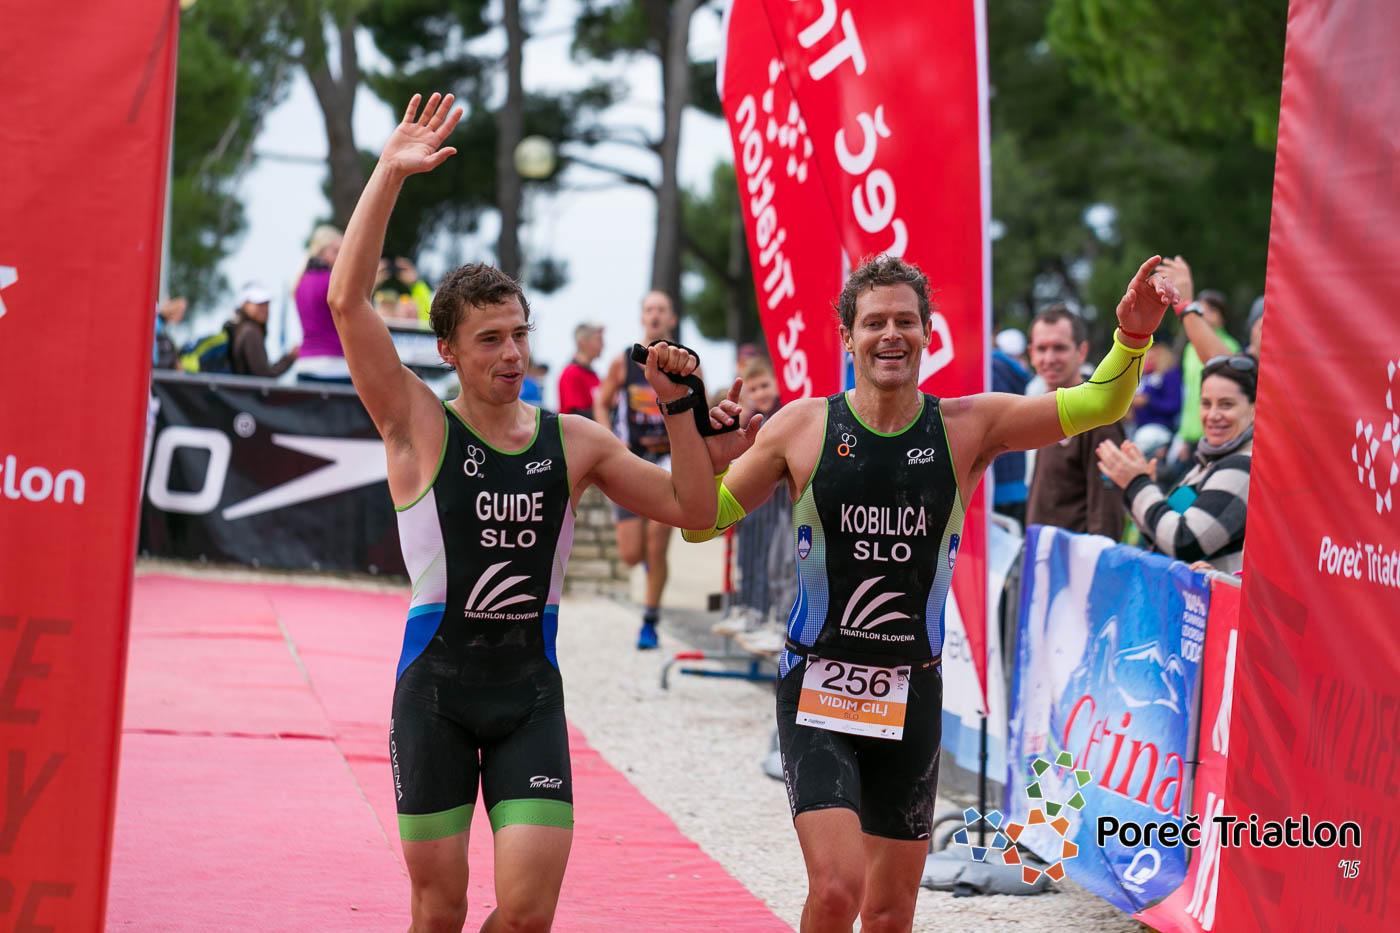 Photo: 3sporta.com// Alen Kobilica i vodič